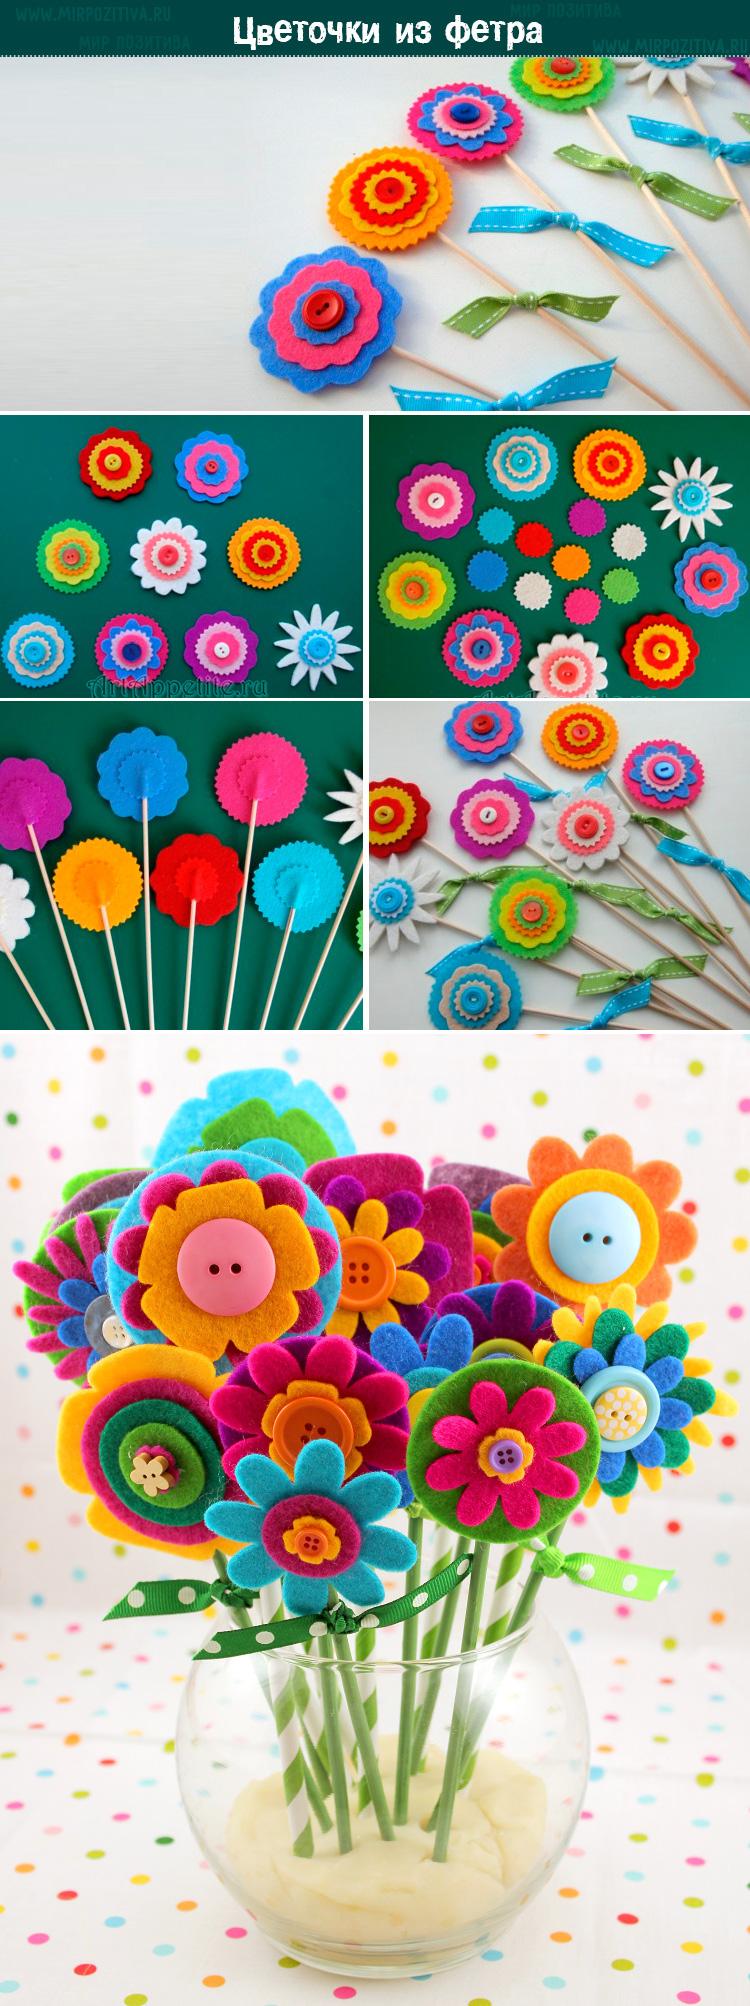 фетровые цветочки с пуговицами